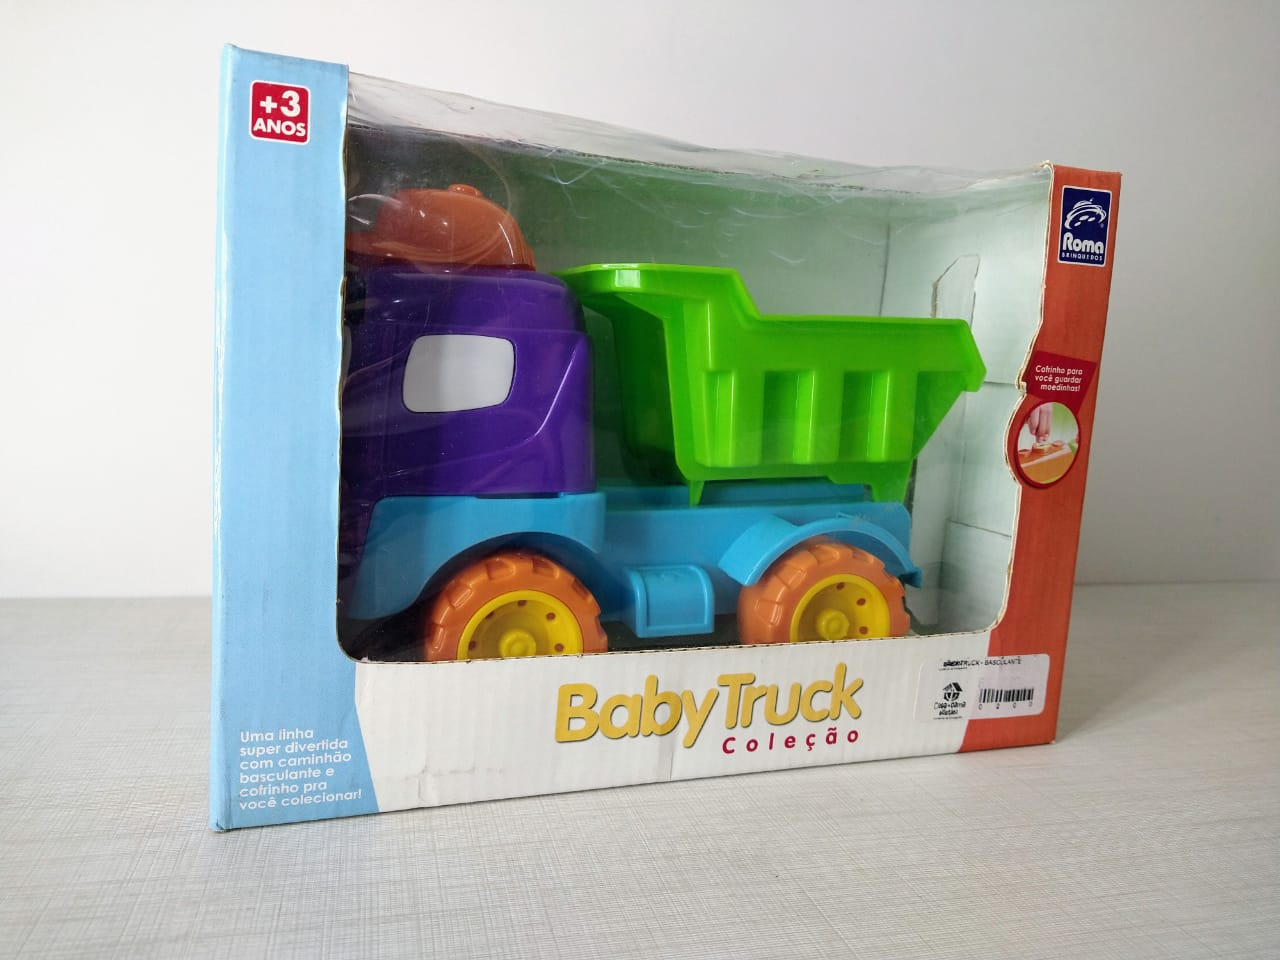 Caminhão Baby Truck Roda Livre Com Caçamba Basculante Roma Brinquedos